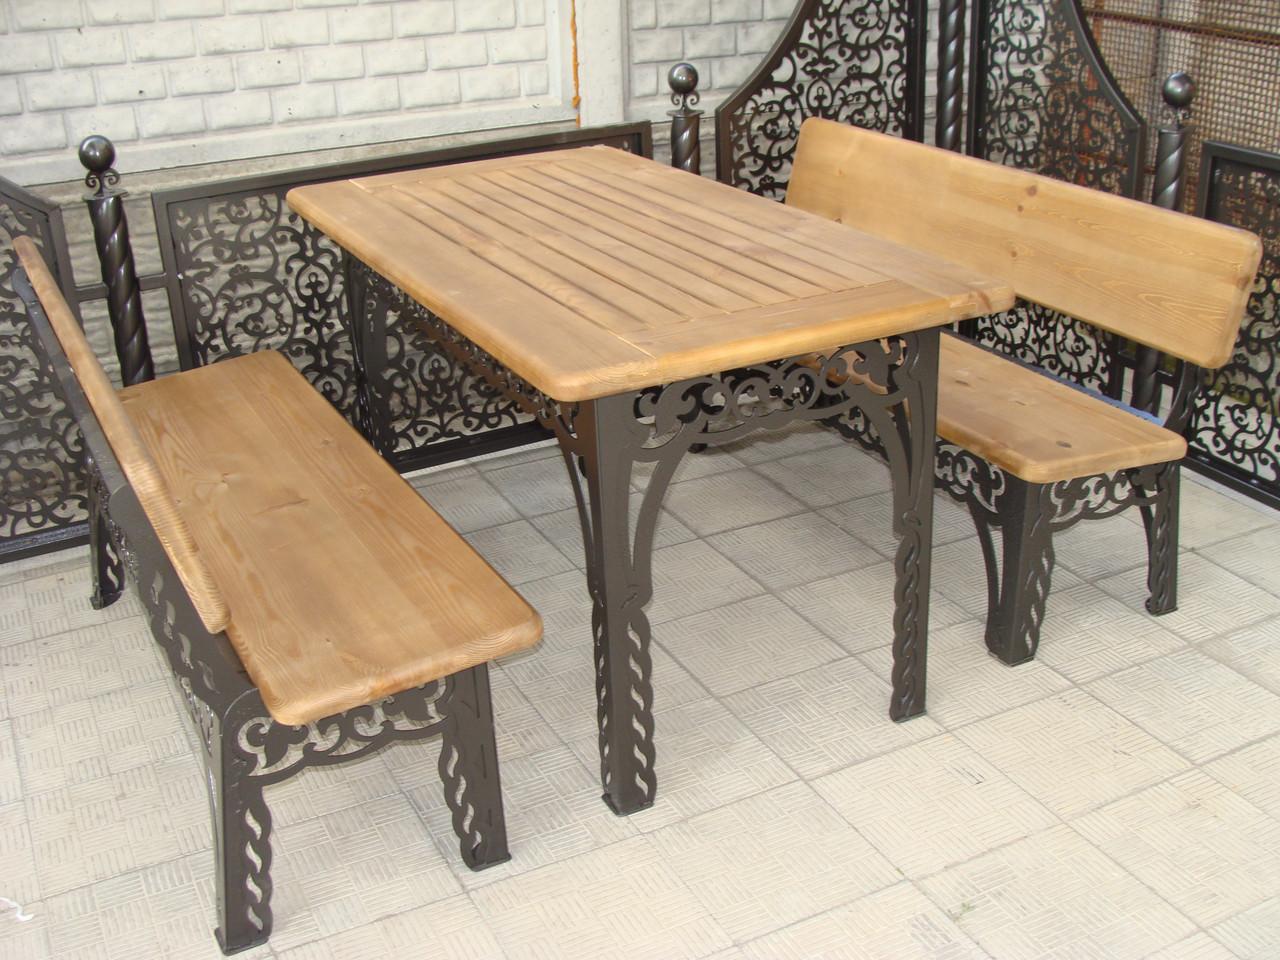 Набор садовой мебели, материал основы - дуб, 200 см, цвет черный/коричневый